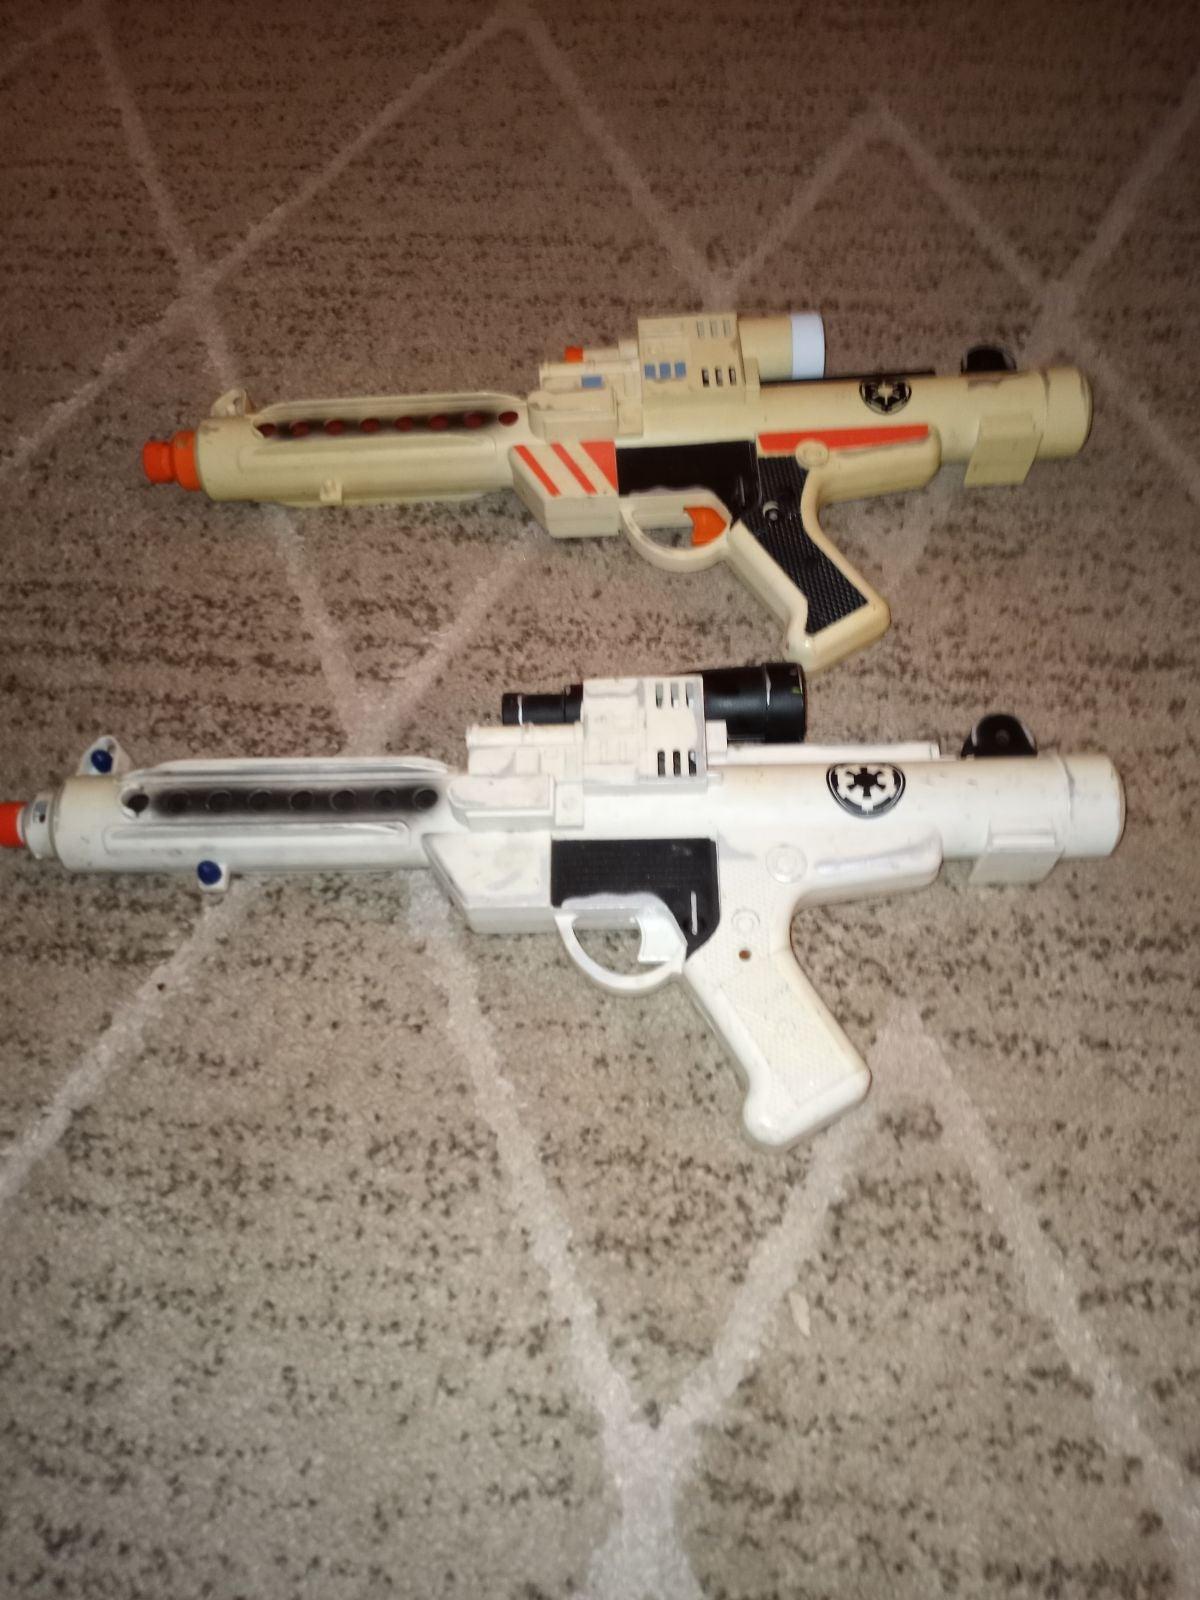 Star Wars Stormtrooper Blasters